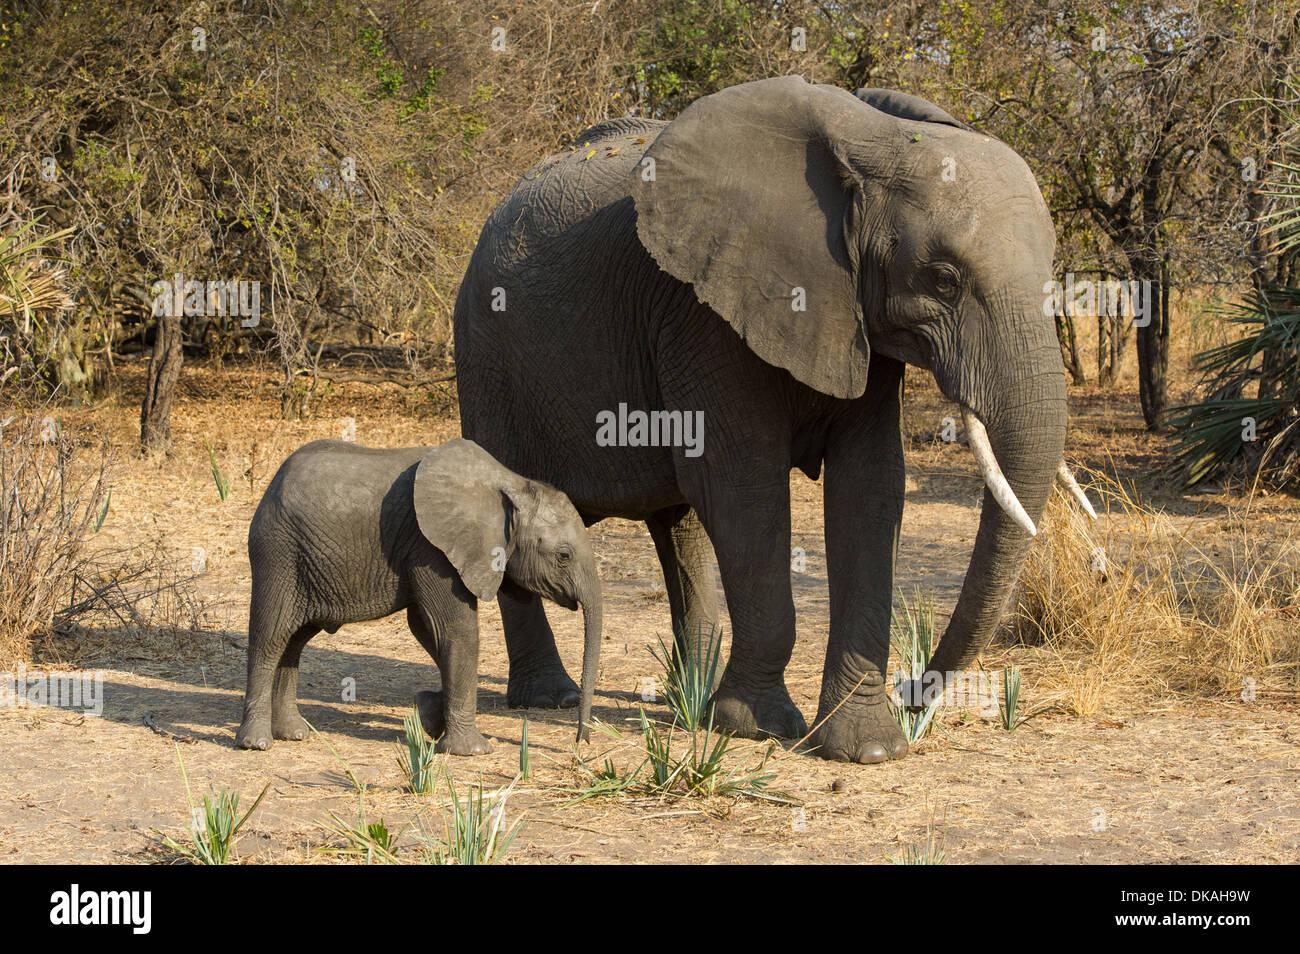 African elephant with calf (Loxodonta africana africana), Katavi National Park, Tanzania - Stock Image